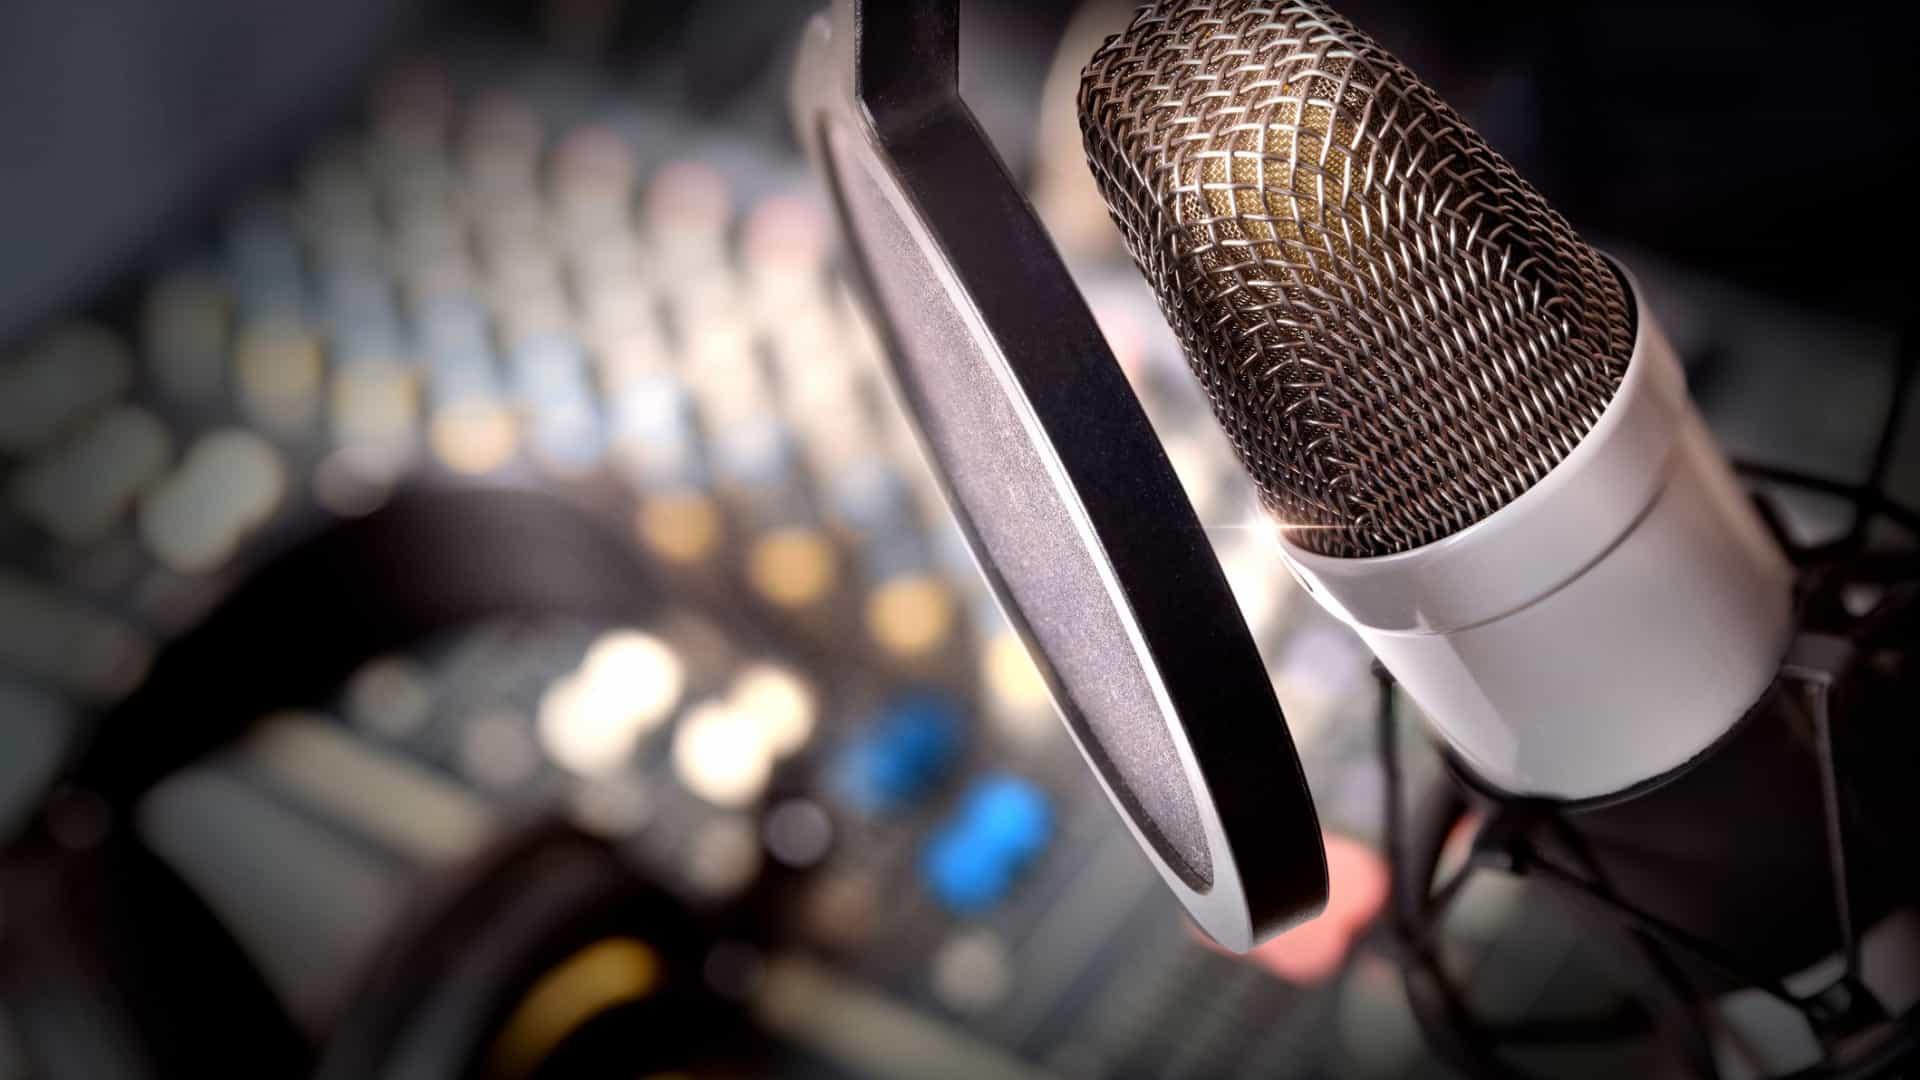 São Tomé: Demitido diretor de rádio por suspeita de assédio sexual